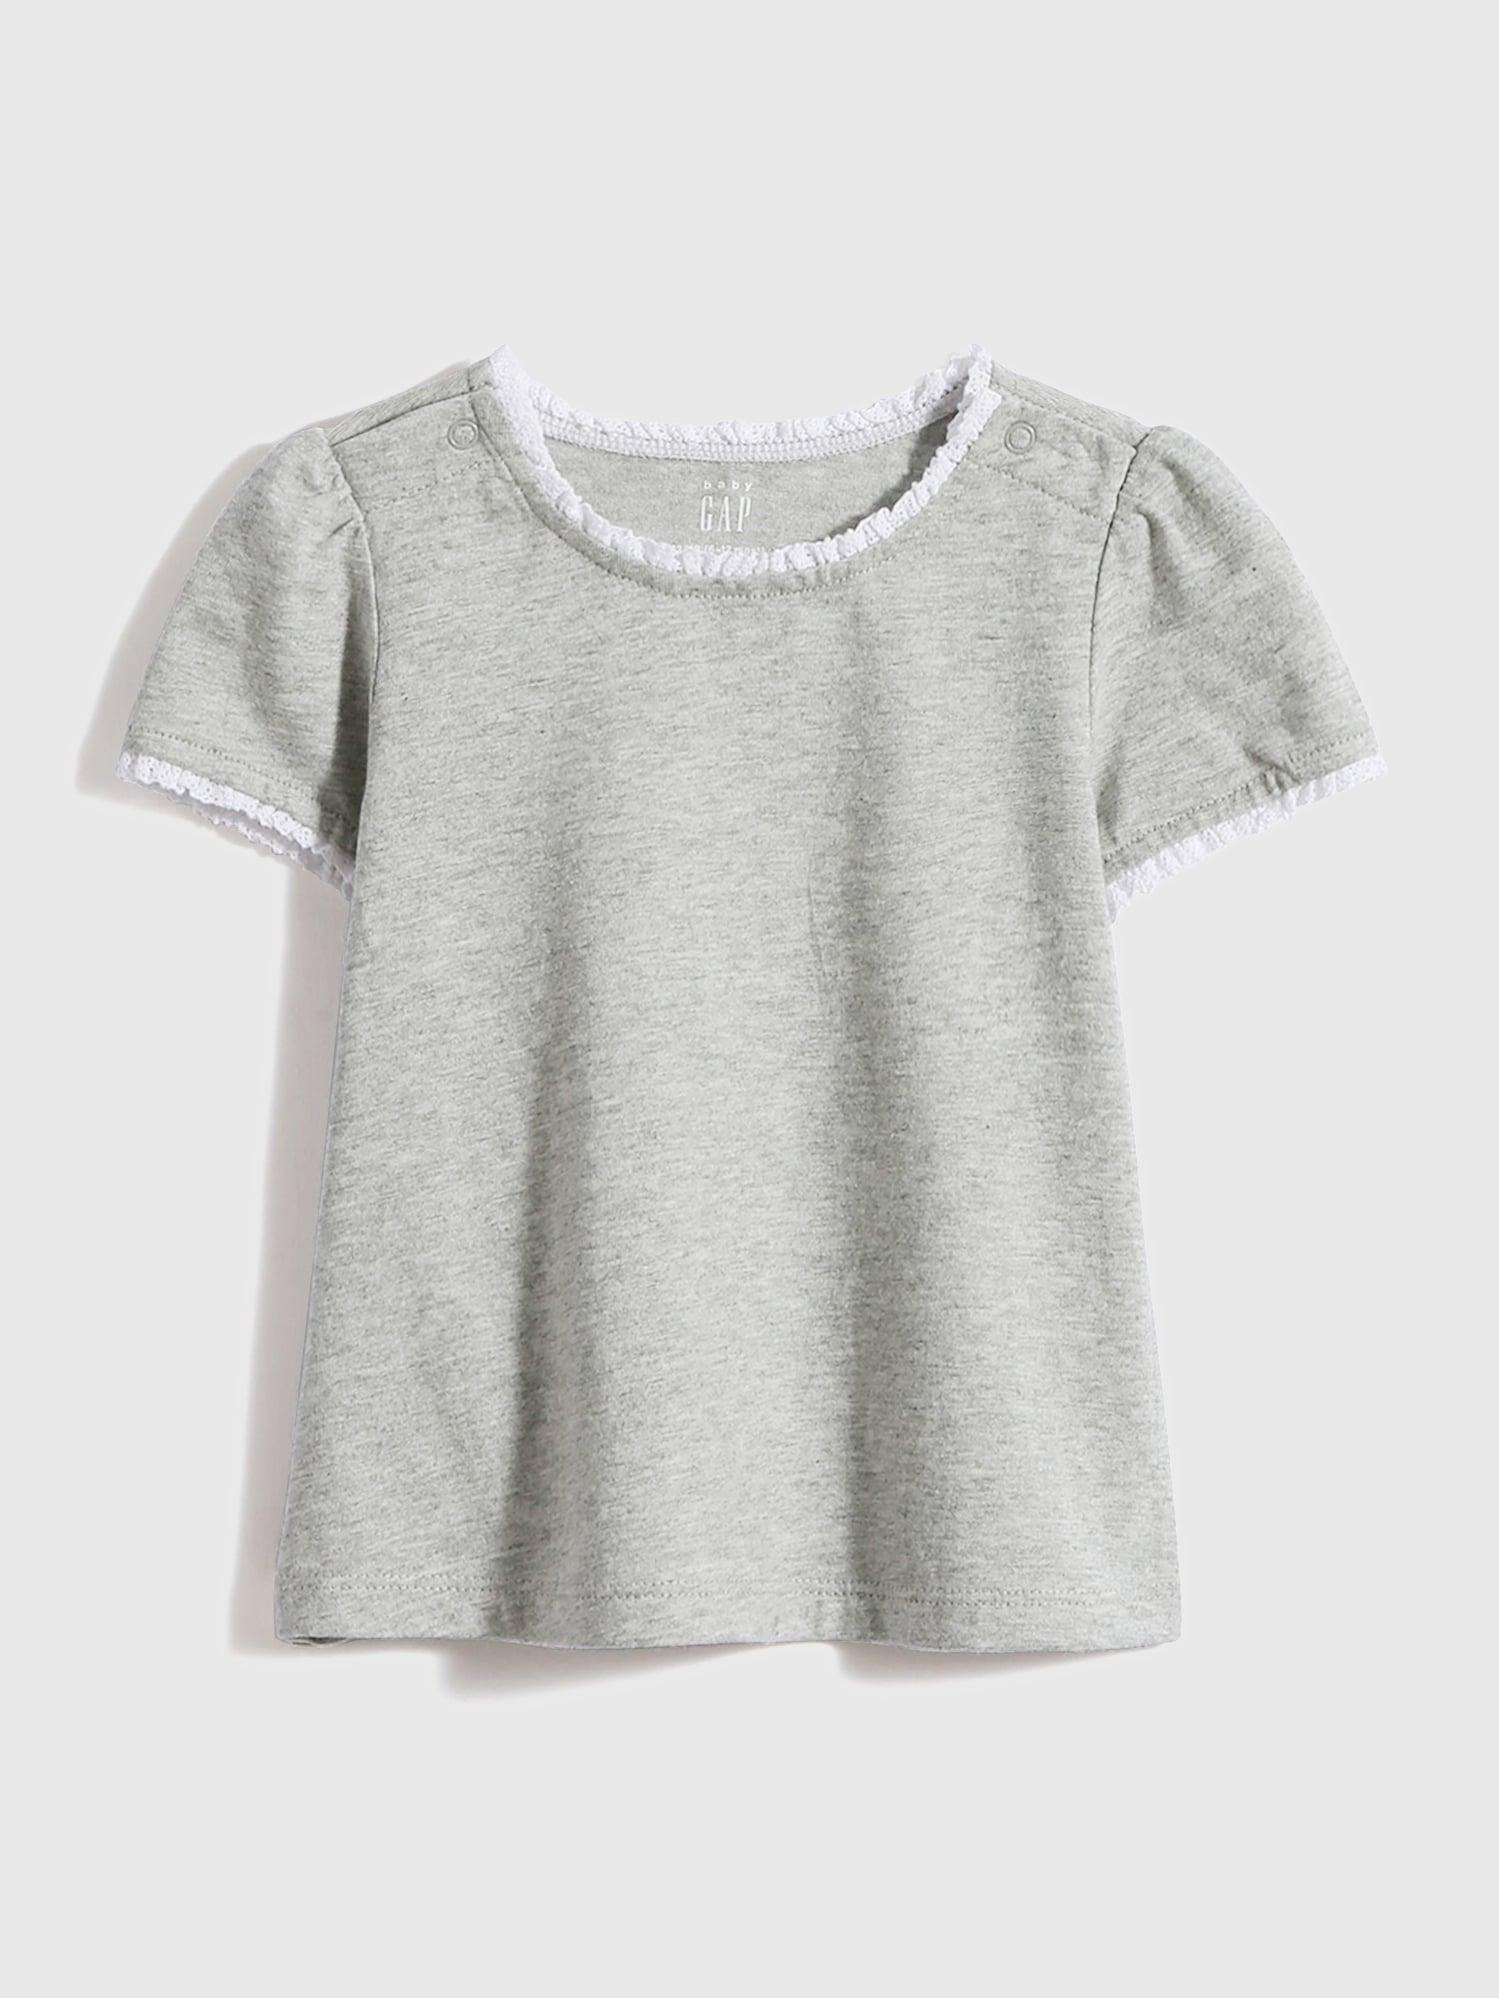 レースディテール付き コットンtシャツ